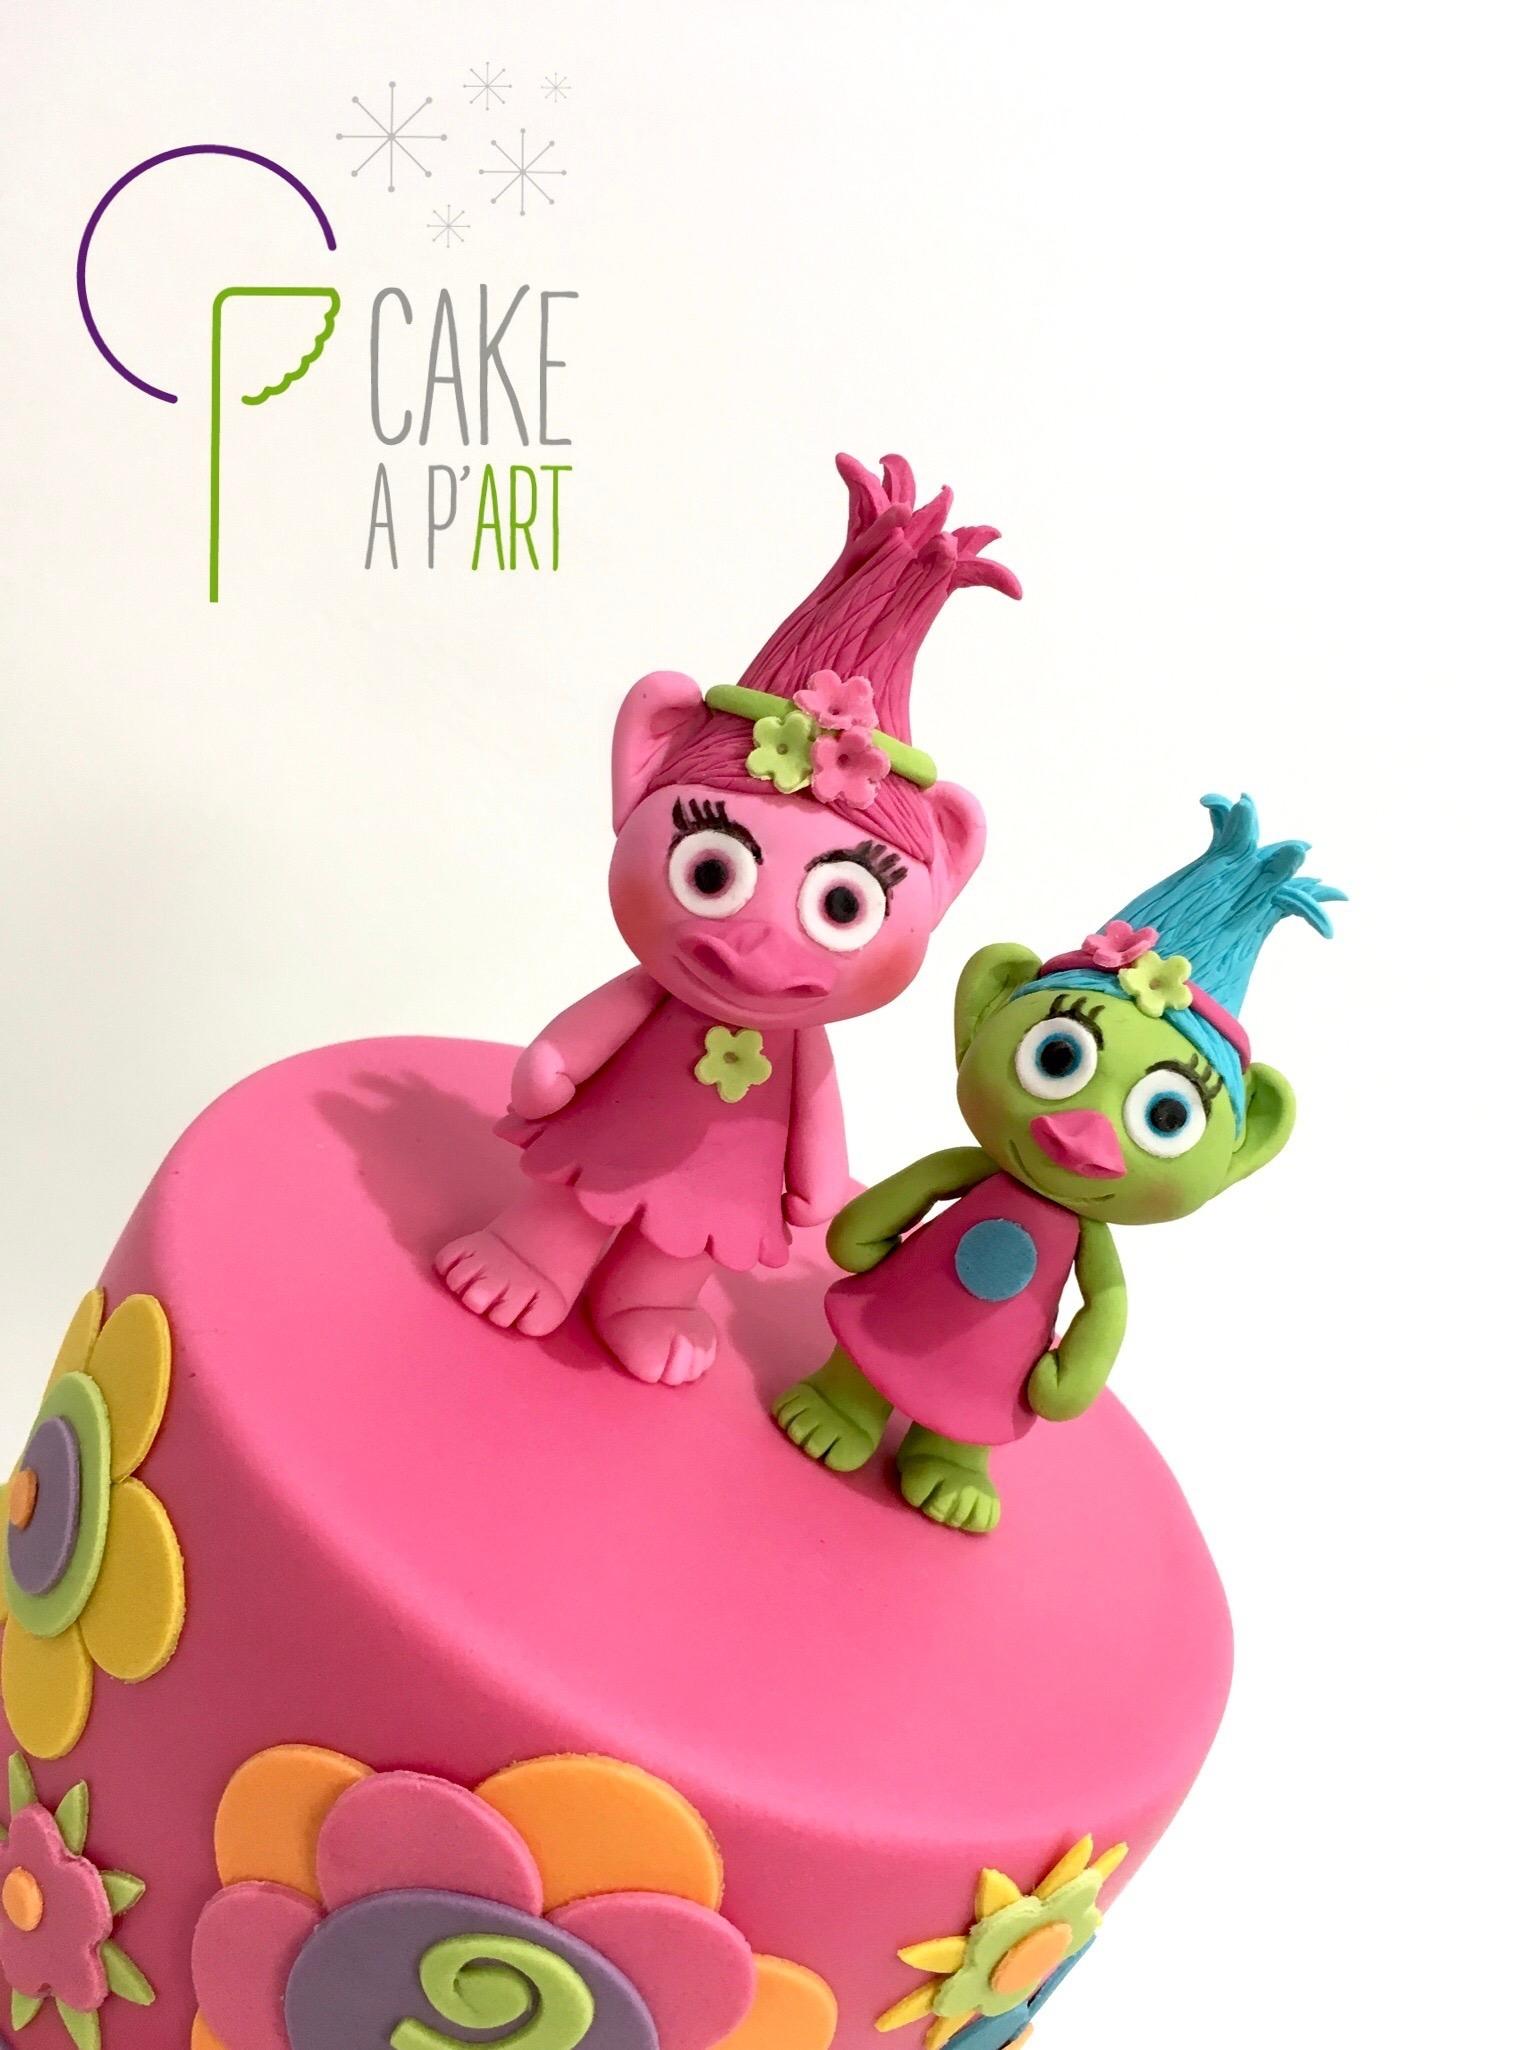 Décor modelage en sucre gâteaux personnalisés - Anniversaire Thème Les Trolls